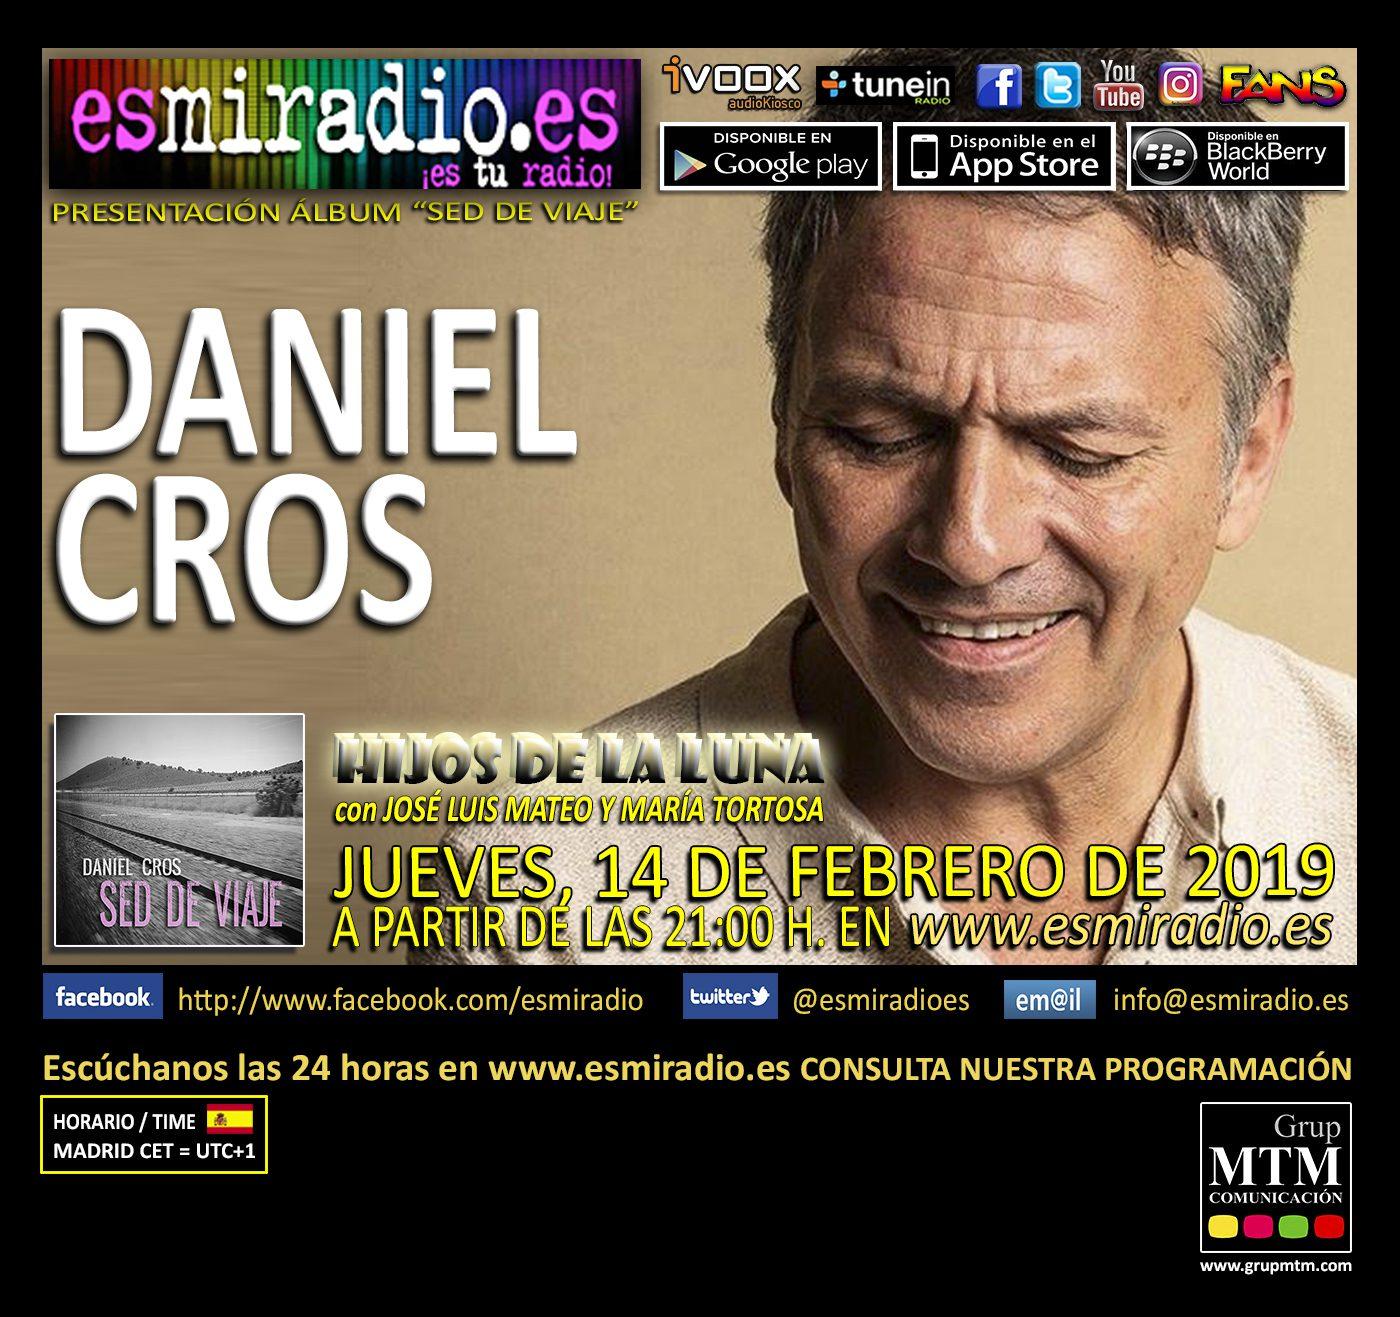 Daniel Cros 14/02/19 en esmiradio